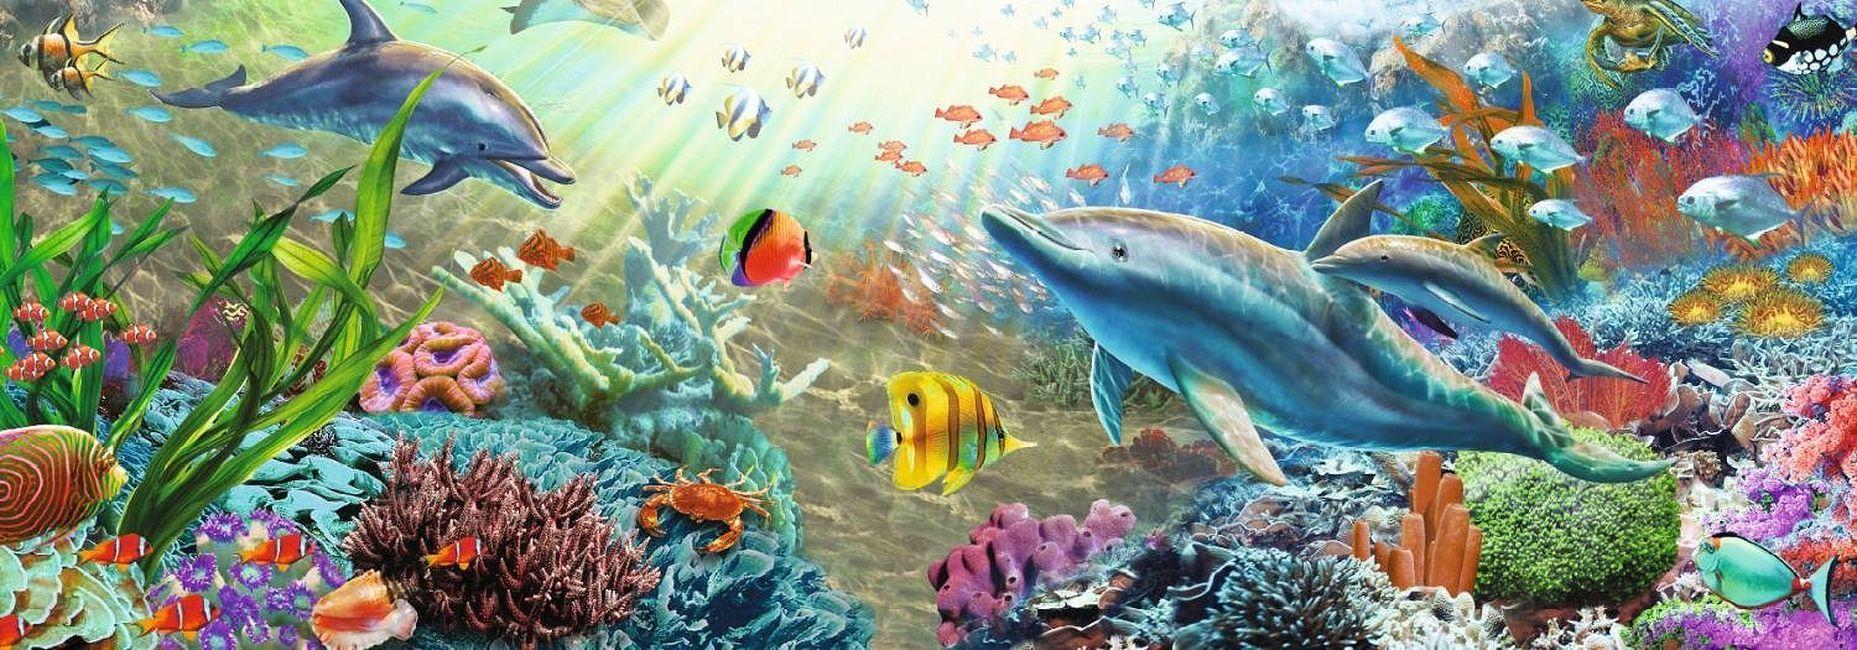 Панорамен пъзел Jumbo от 1000 части - Воден рай - 2